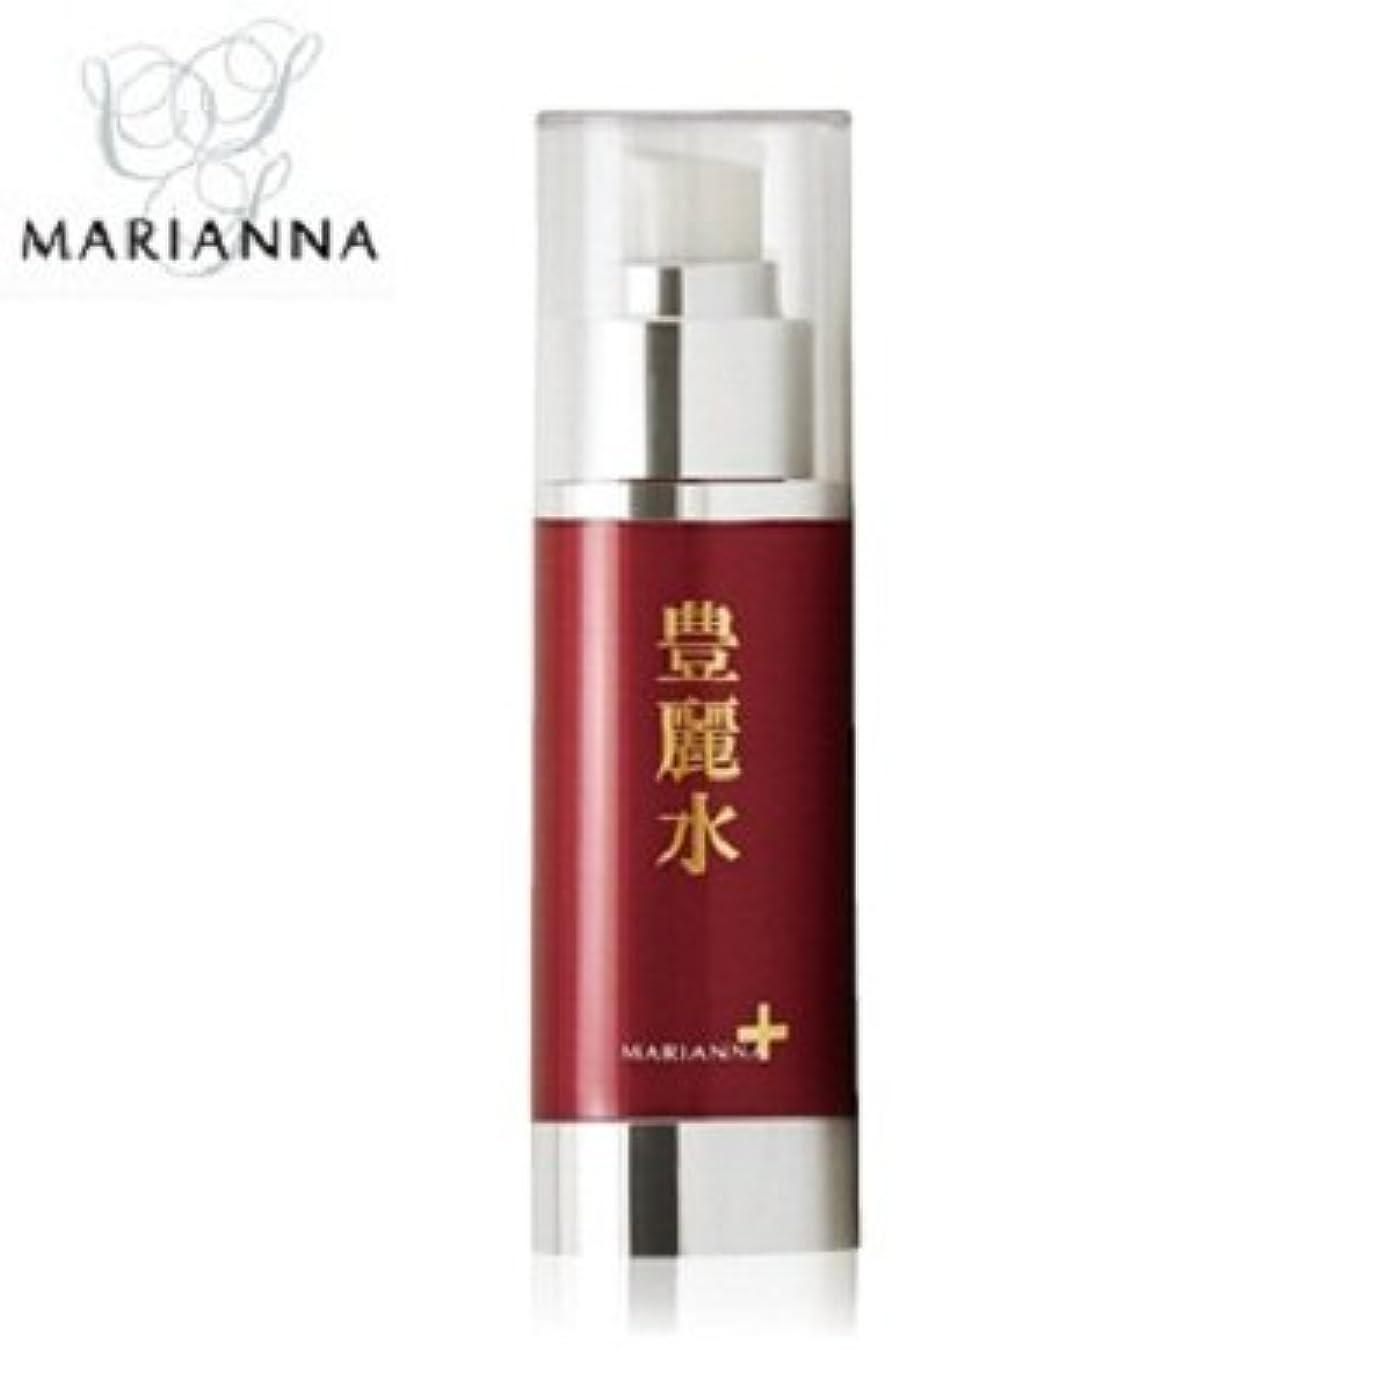 強化する会計士構成MARIANNA マリアンナプラス豊麗水化粧水 100ml